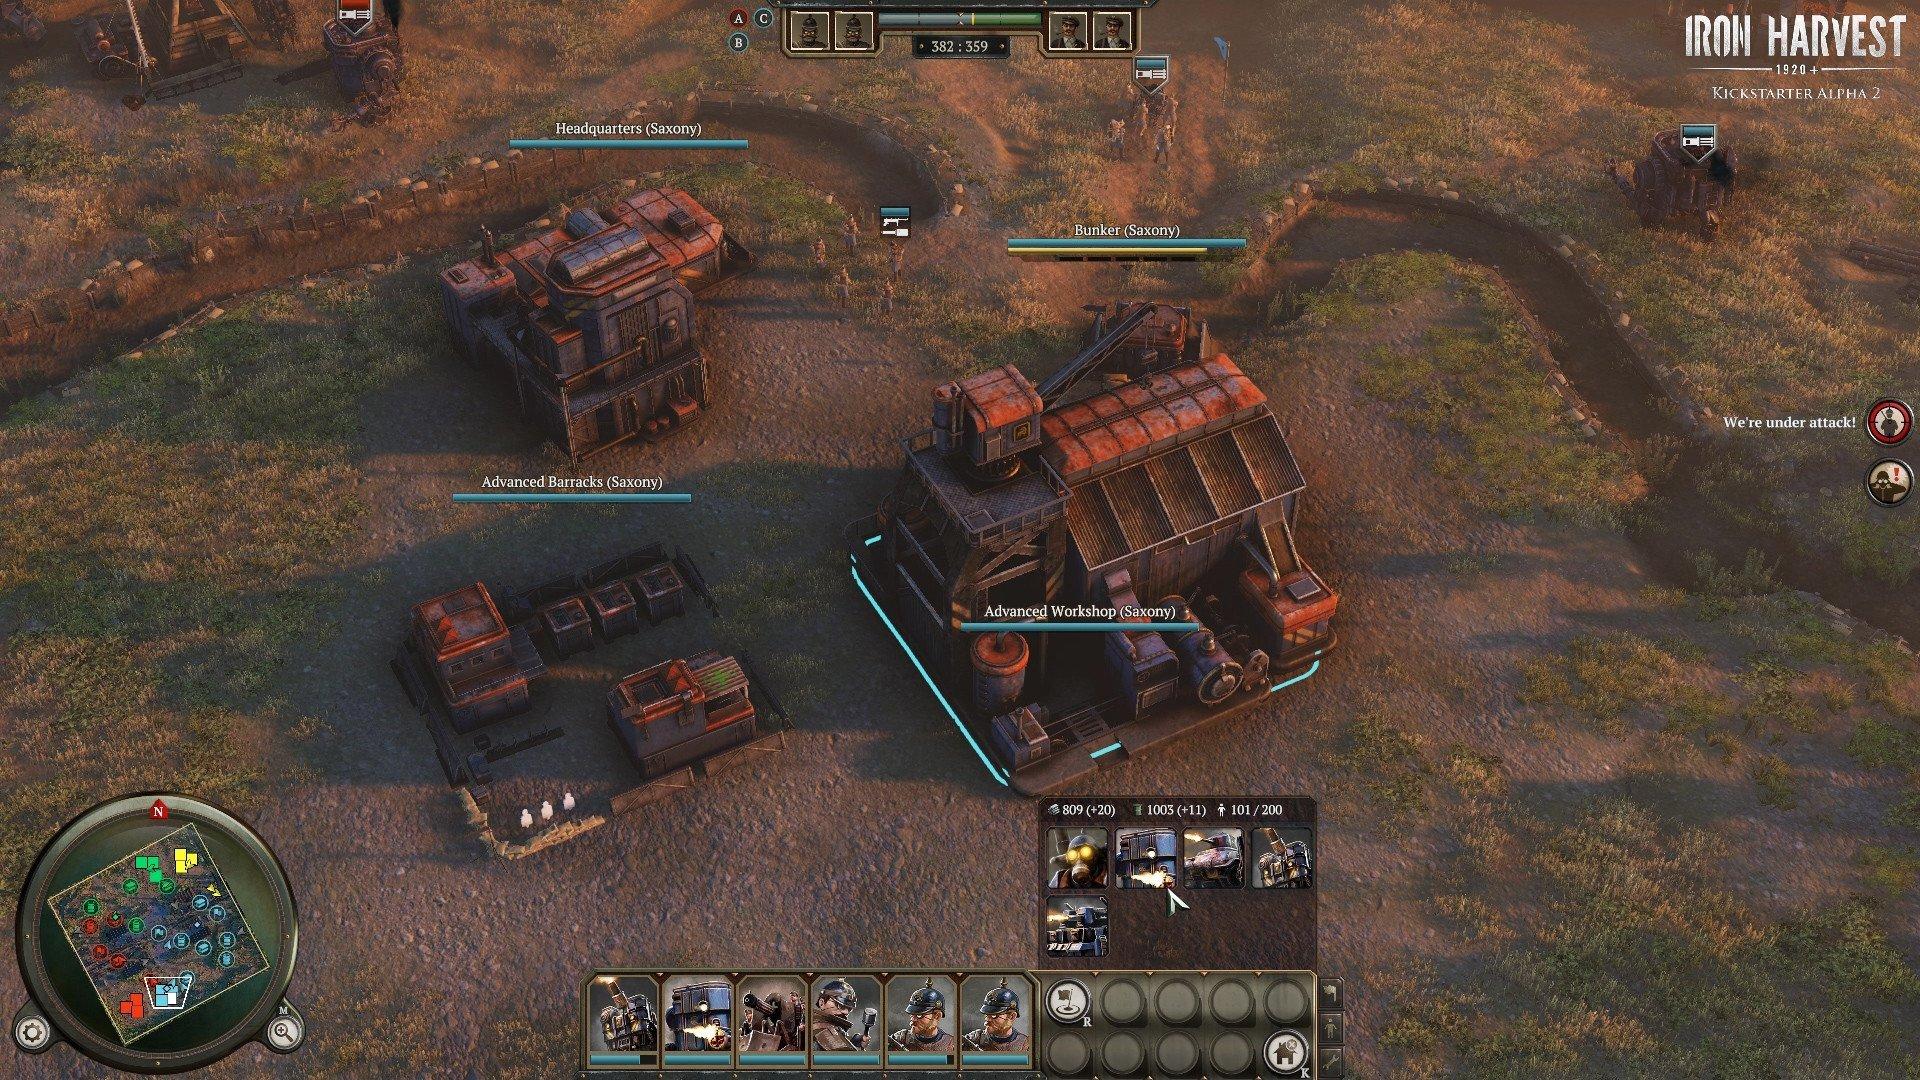 Скриншот к игре Iron Harvest (v.1.1.0.1916 rev 43270 (43500) +DLC) (2020) скачать торрент RePack от R.G. Механики